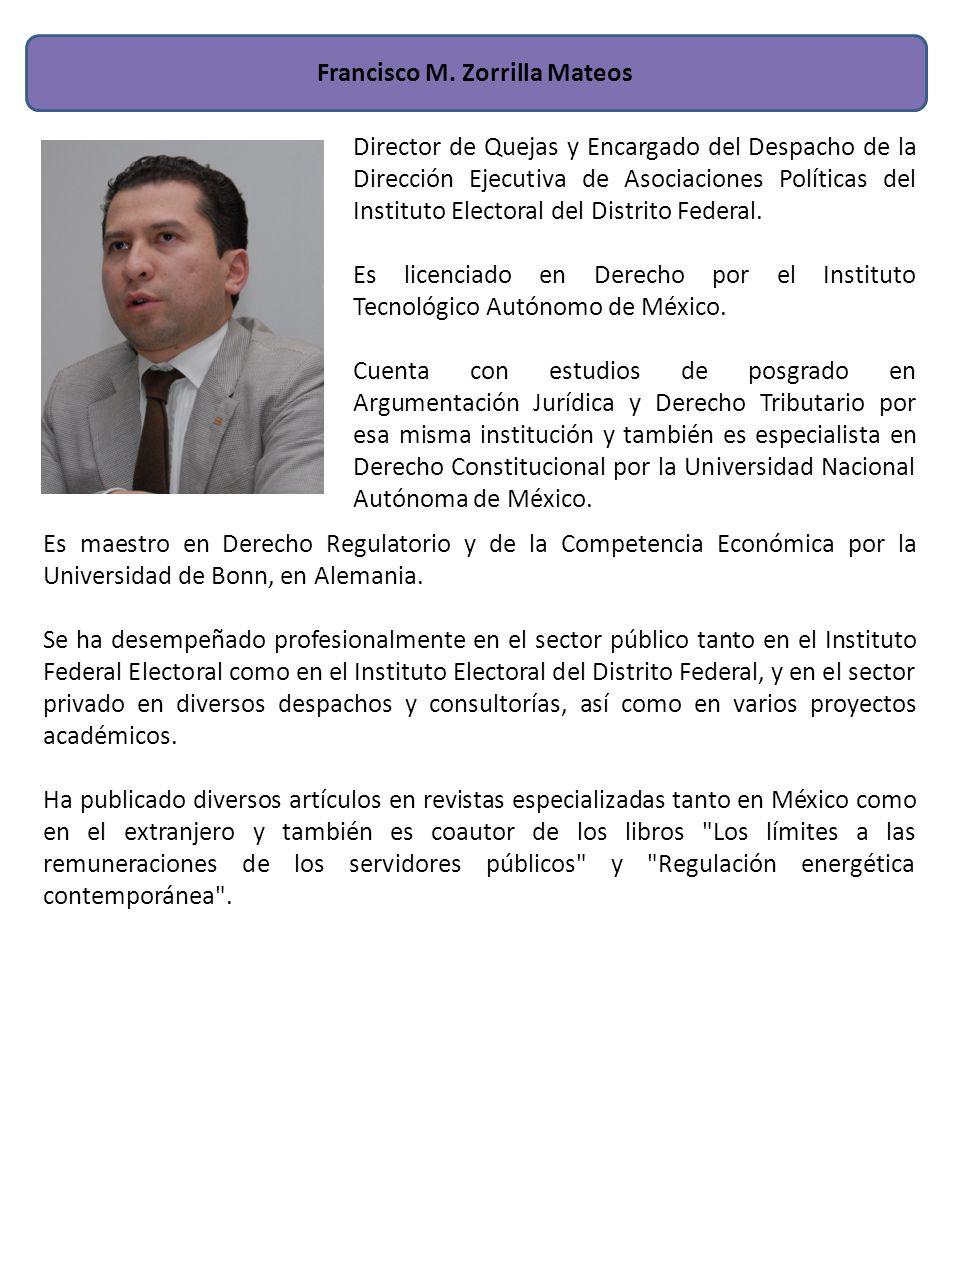 Francisco M. Zorrilla Mateos Es maestro en Derecho Regulatorio y de la Competencia Económica por la Universidad de Bonn, en Alemania. Se ha desempeñad